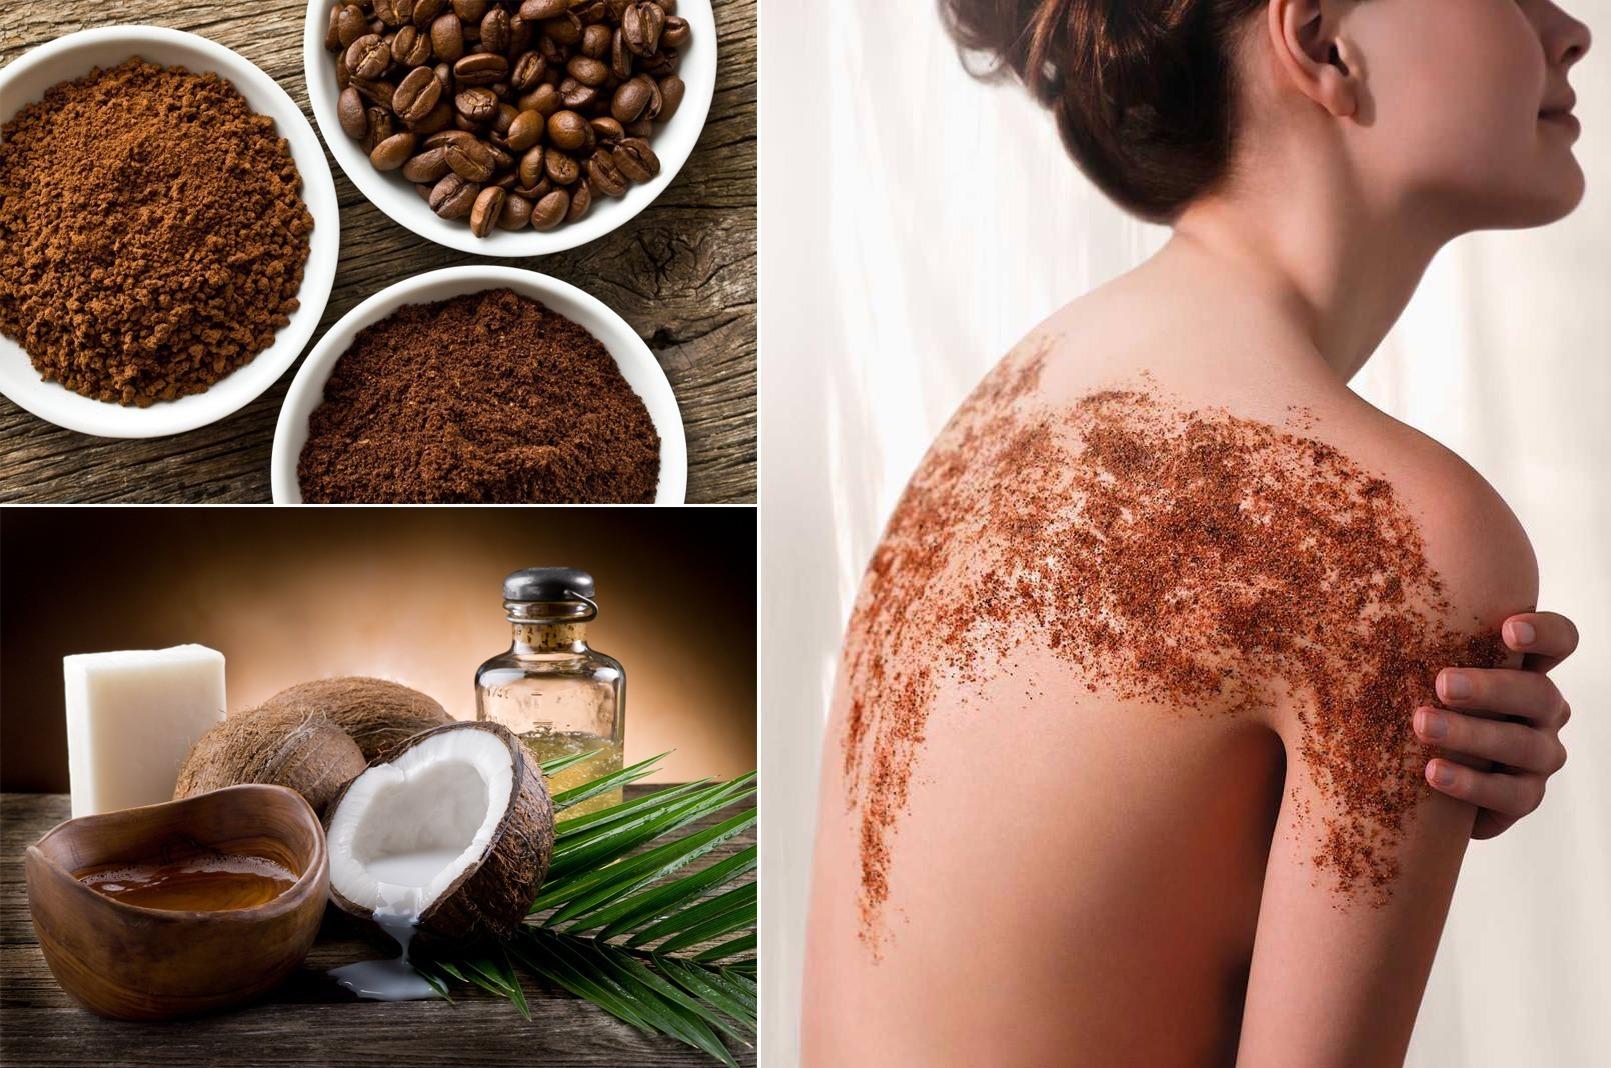 Tẩy da chết bằng bã cà phê và dầu dừa giúp làn da mịn màng, trắng hồng